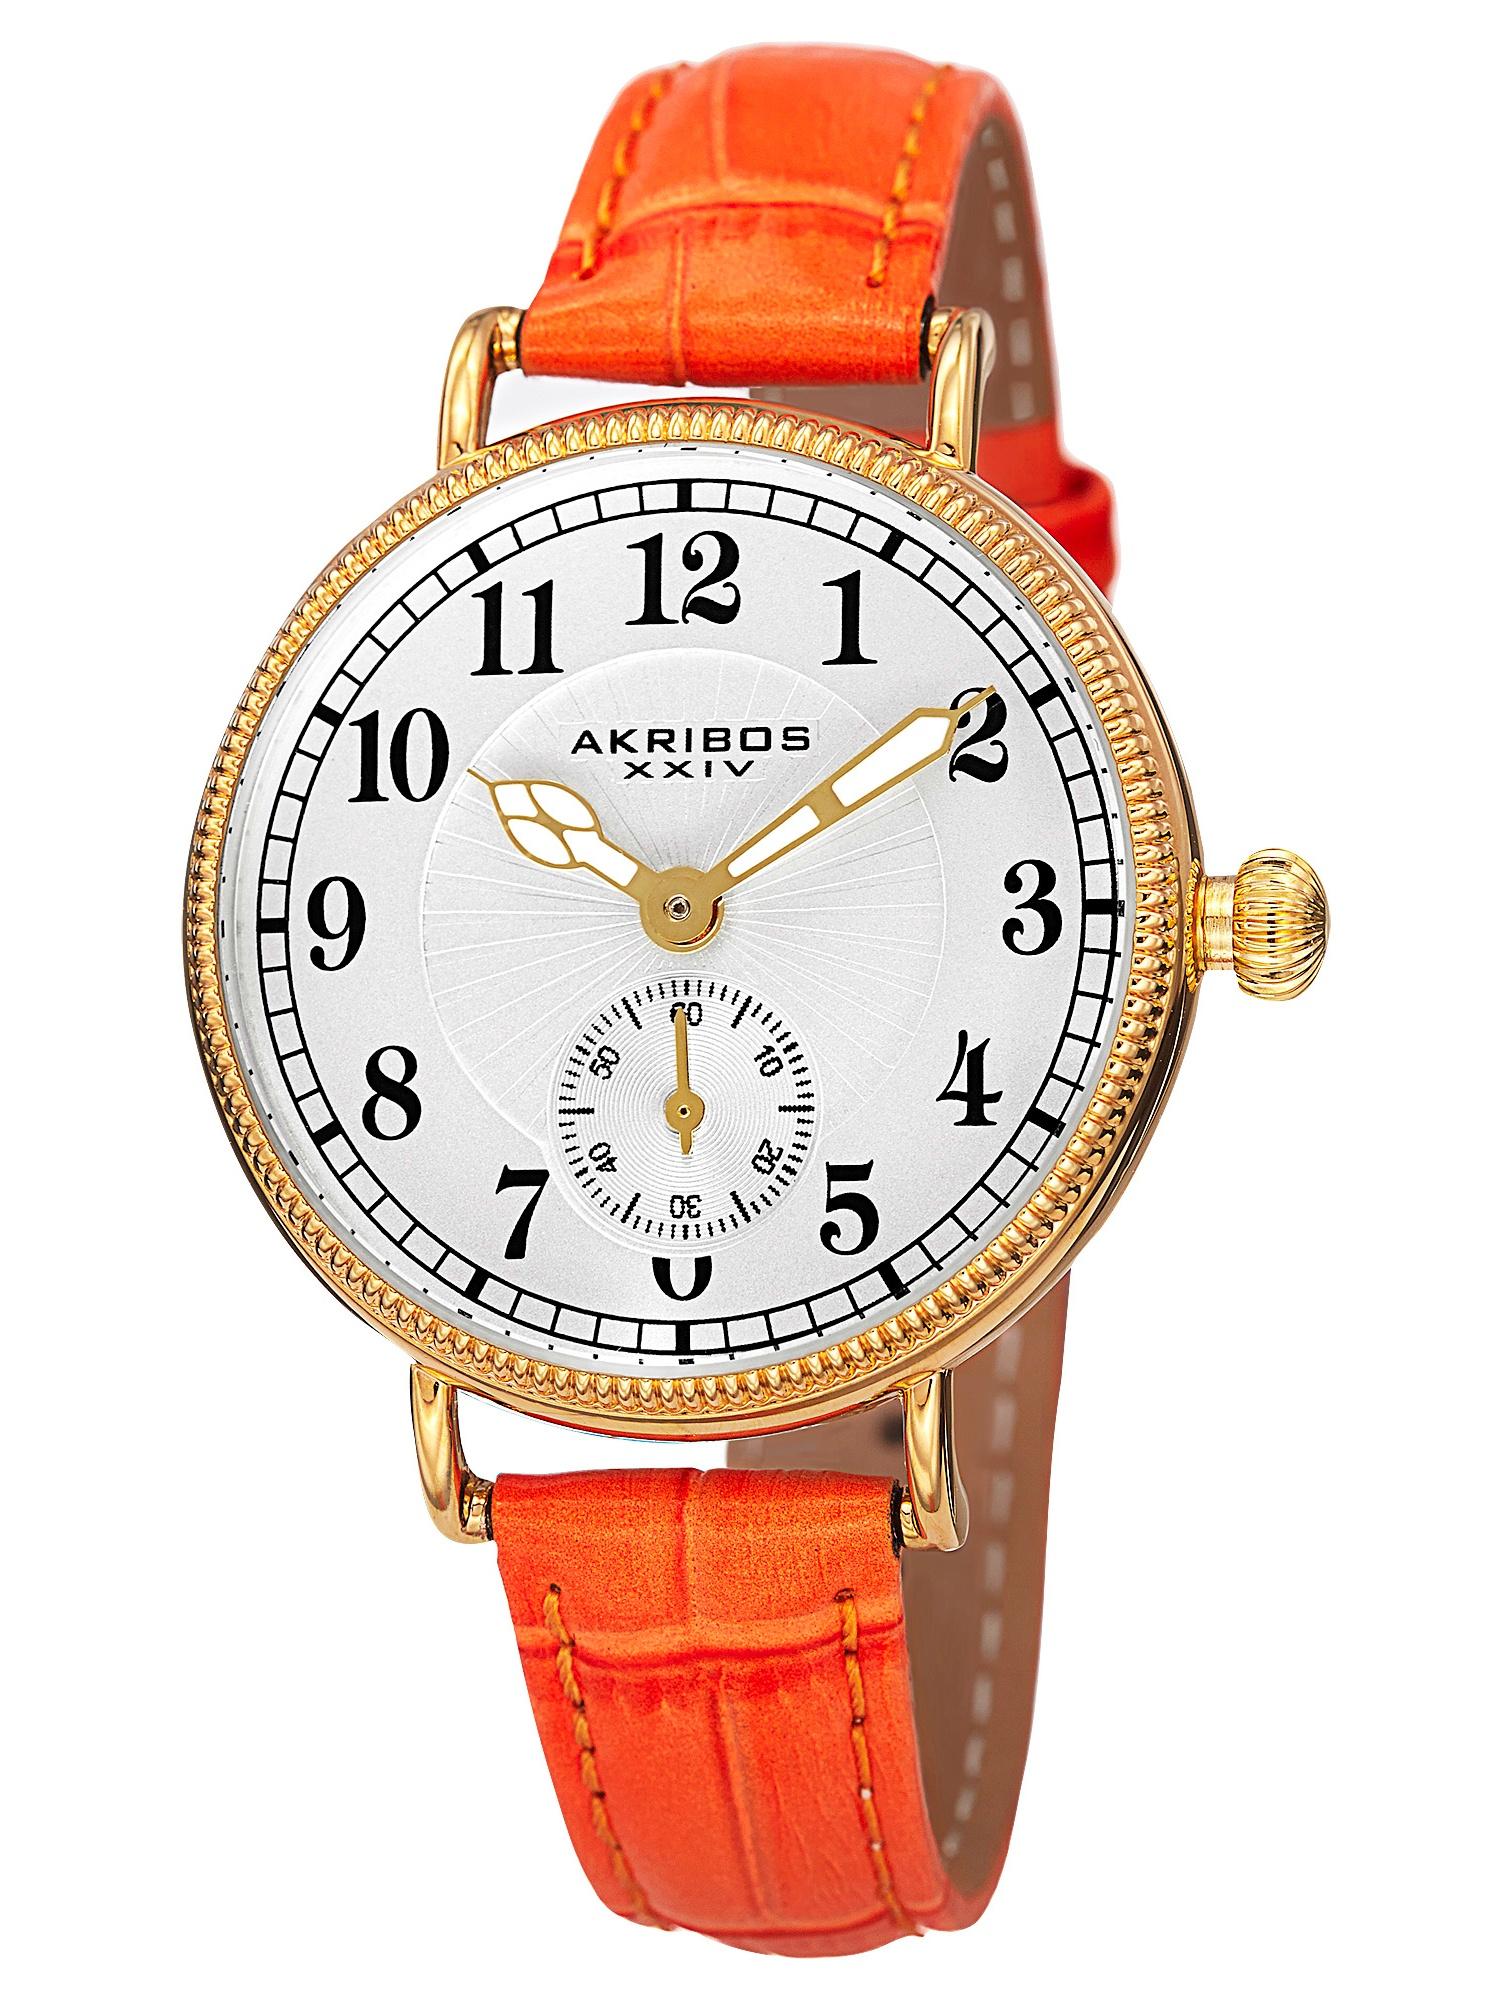 AK828OR Akribos XXIV Women's Quartz Multifunction Leather Orange Strap Watch